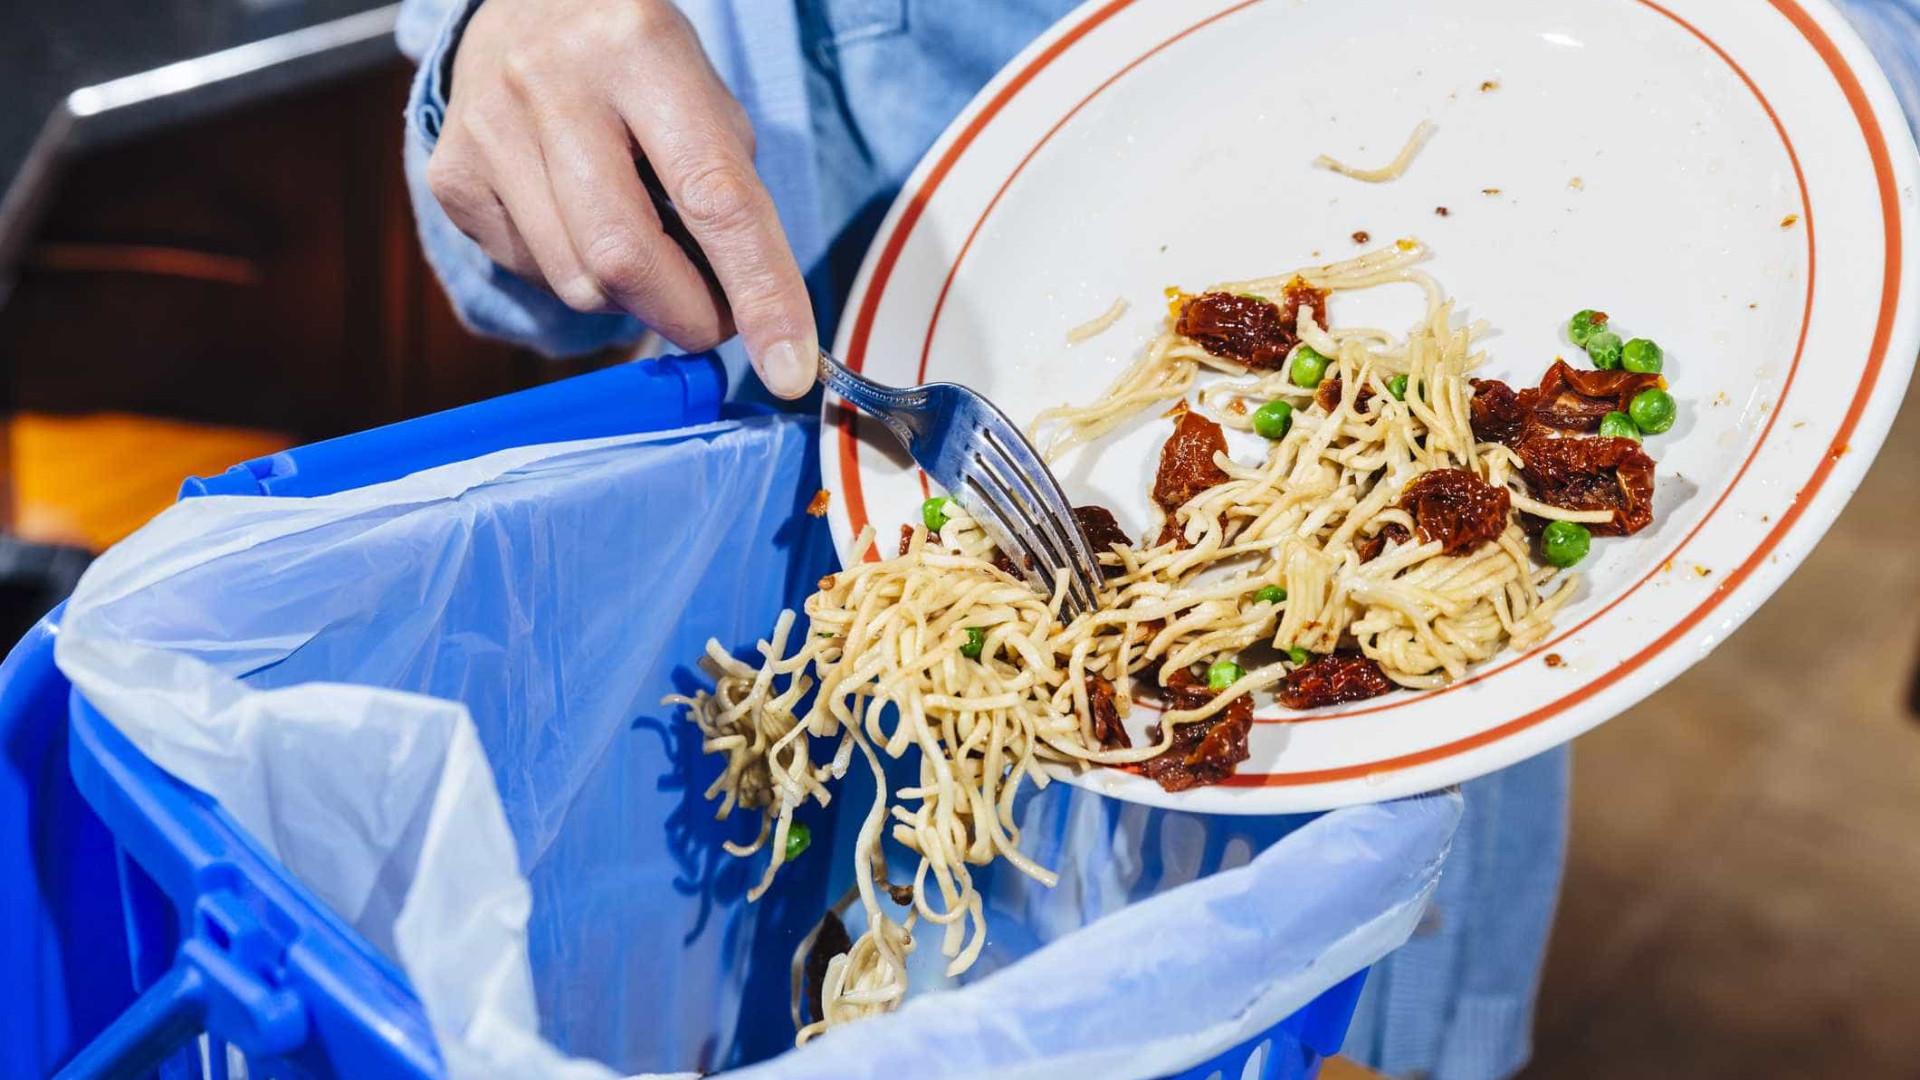 Alimentos em fim de validade devem ser vendidos em espaços próprios